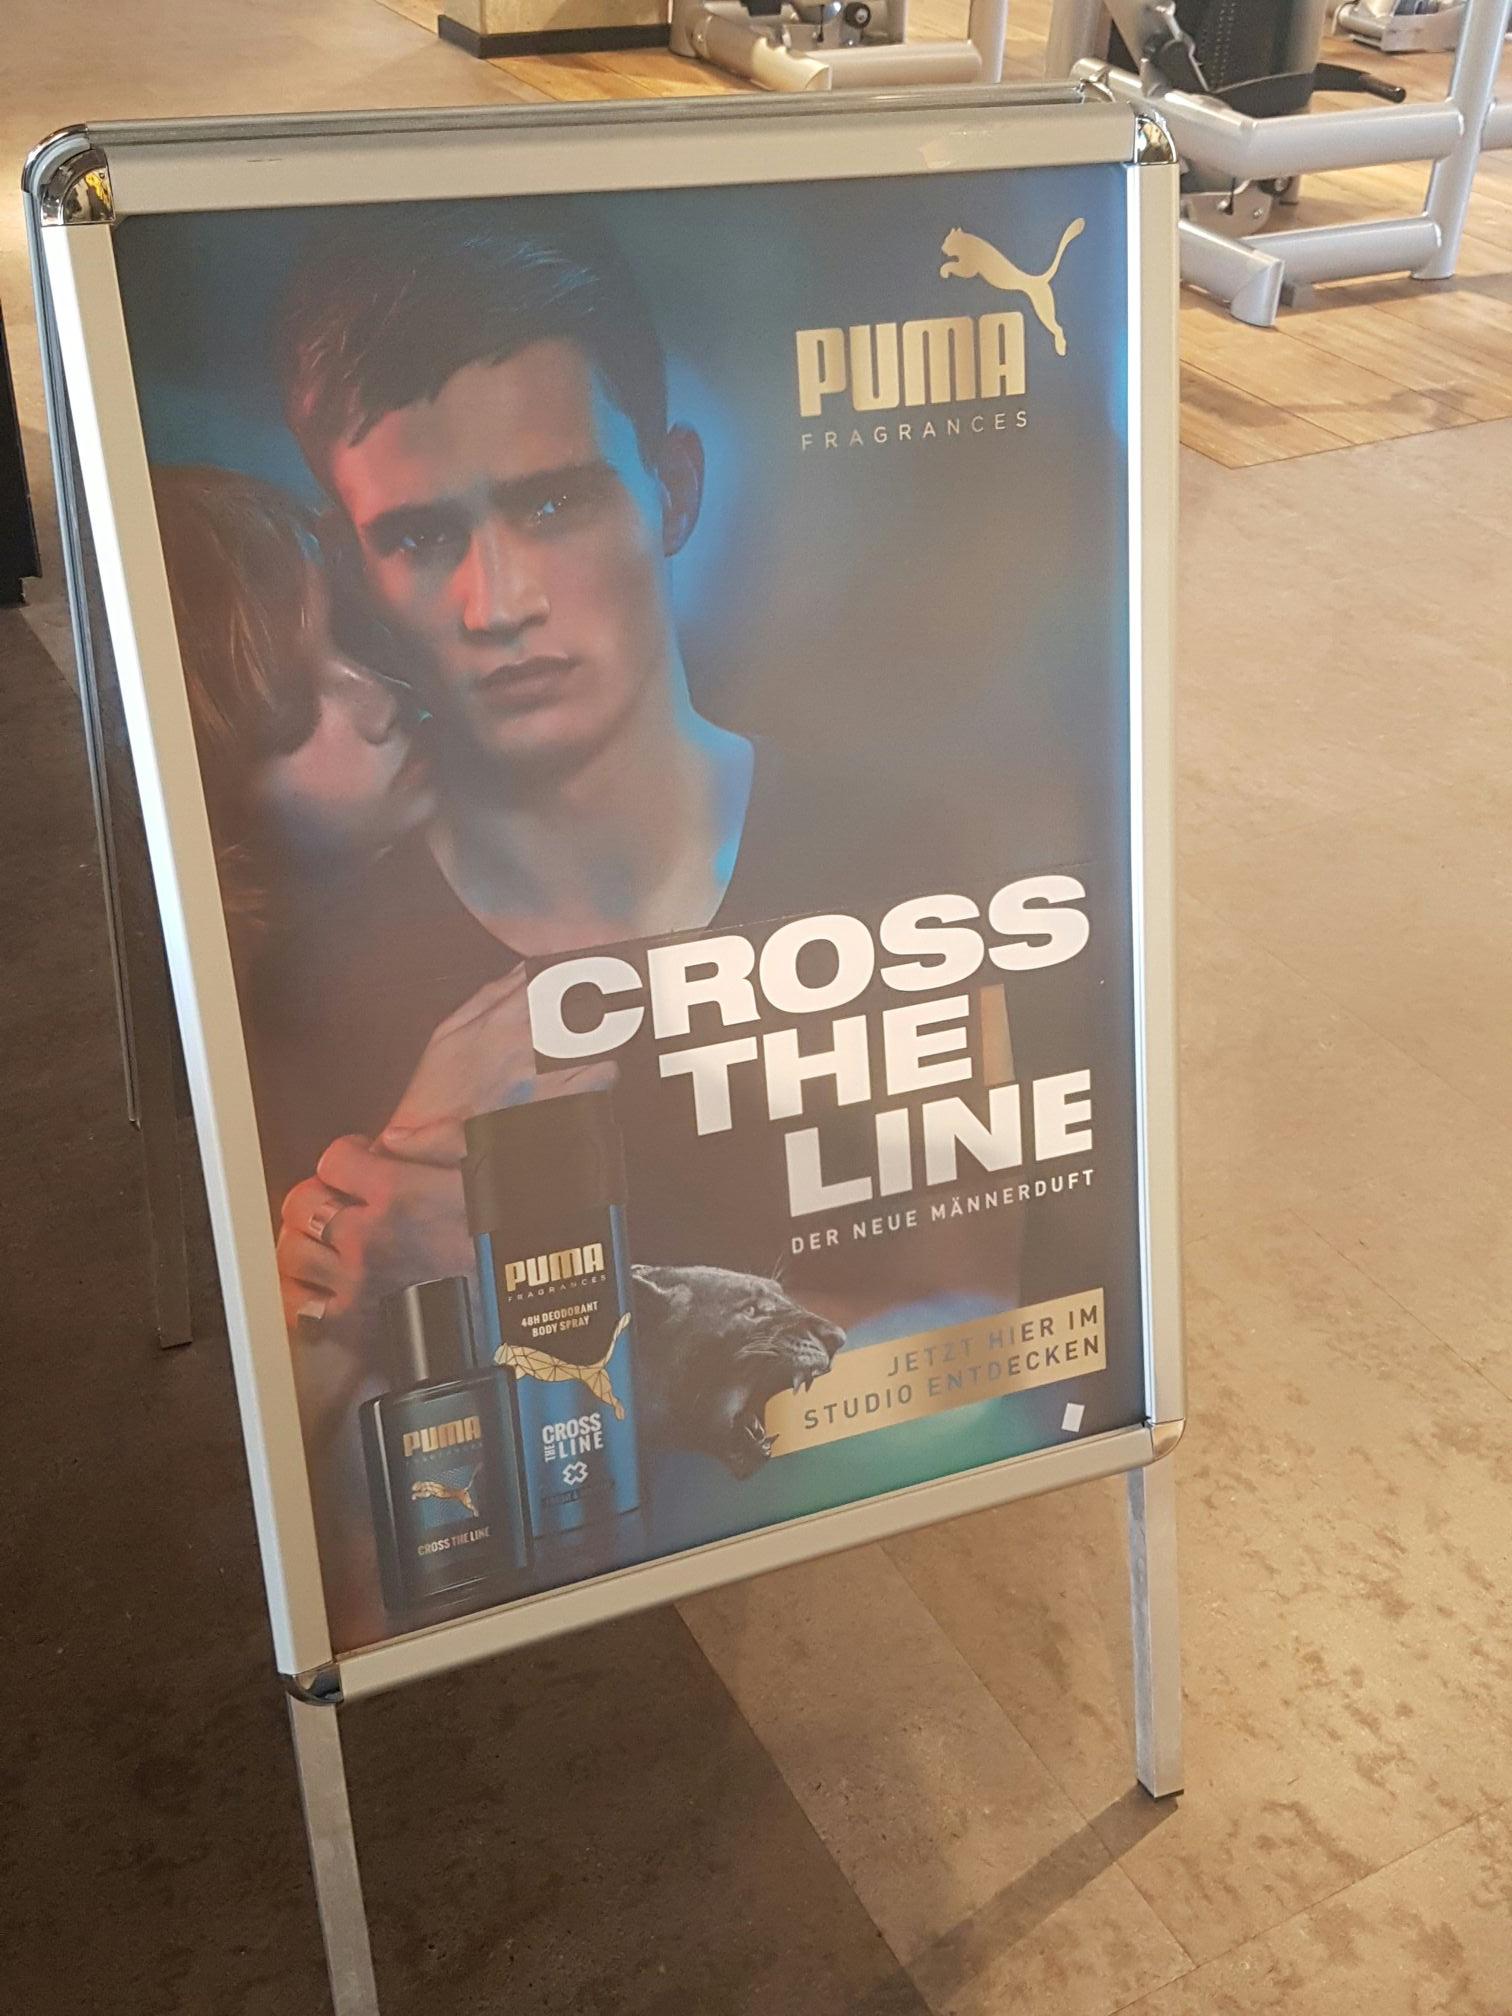 Bremen ? Puma CROSS THE LINE 1,2ml gratis [für Mc fit mitglieder]